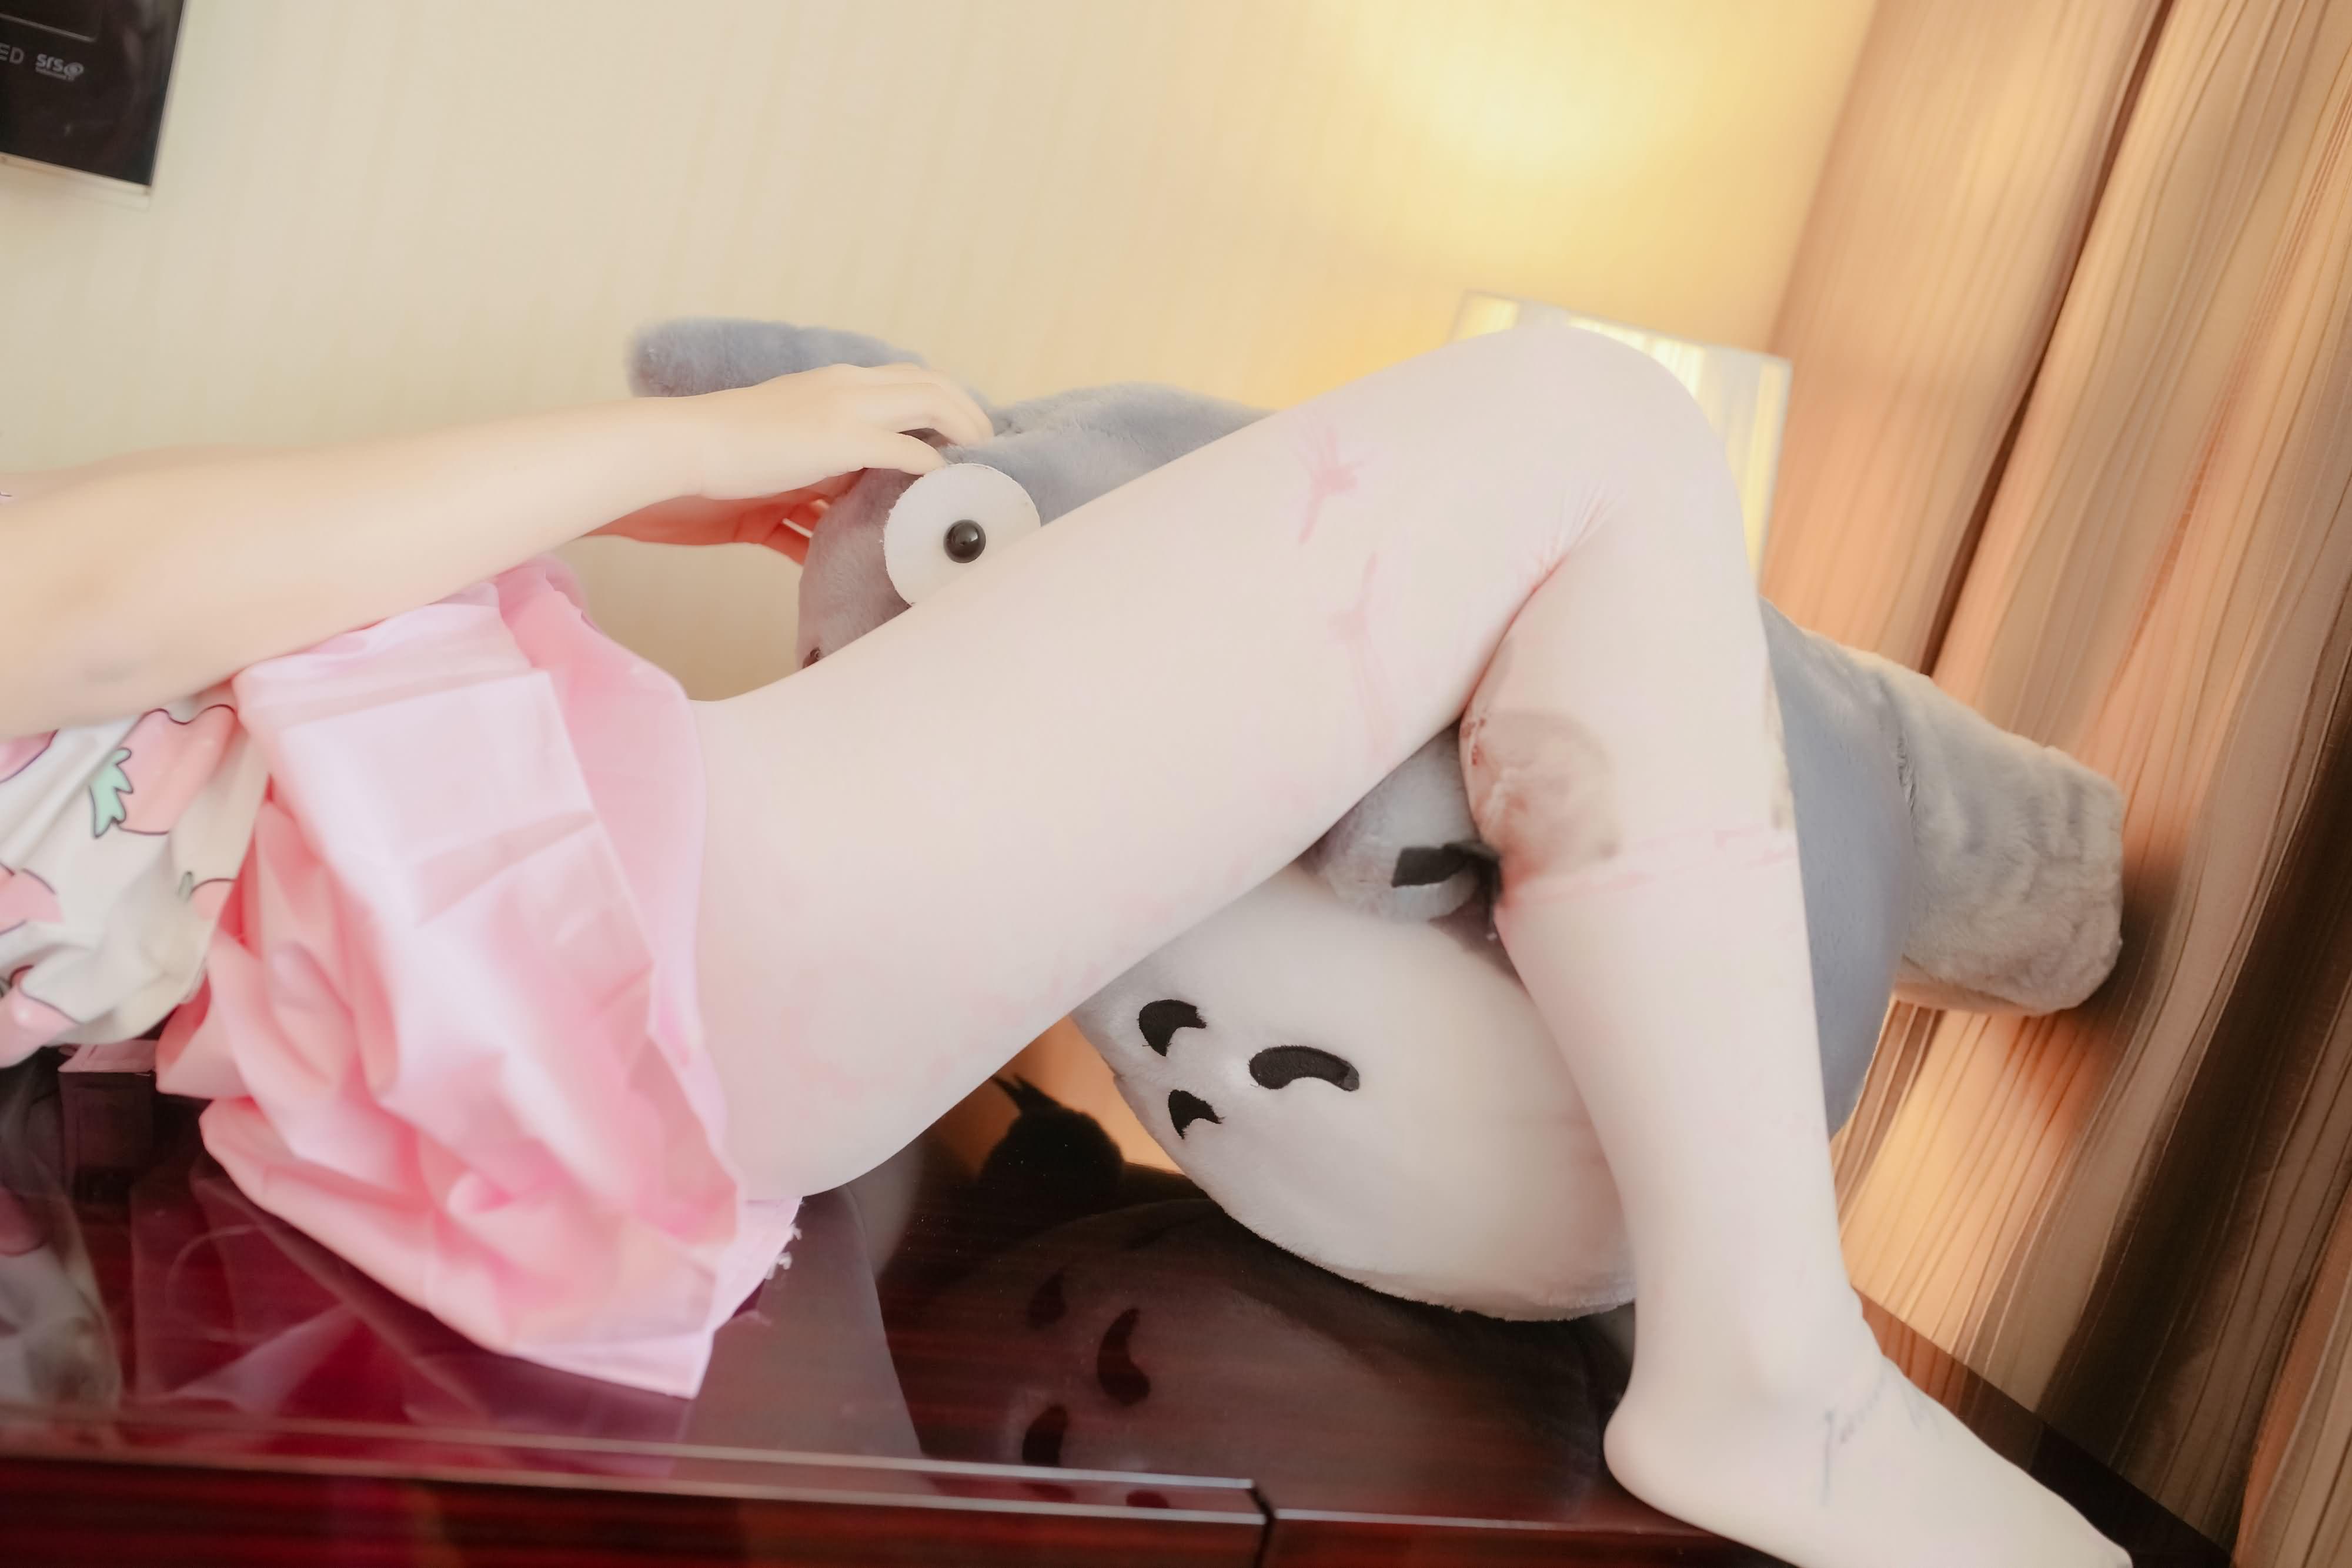 ZvtTYV - 【The Girl Theater】 少女映画 Cosplay 龙猫与少女 90P